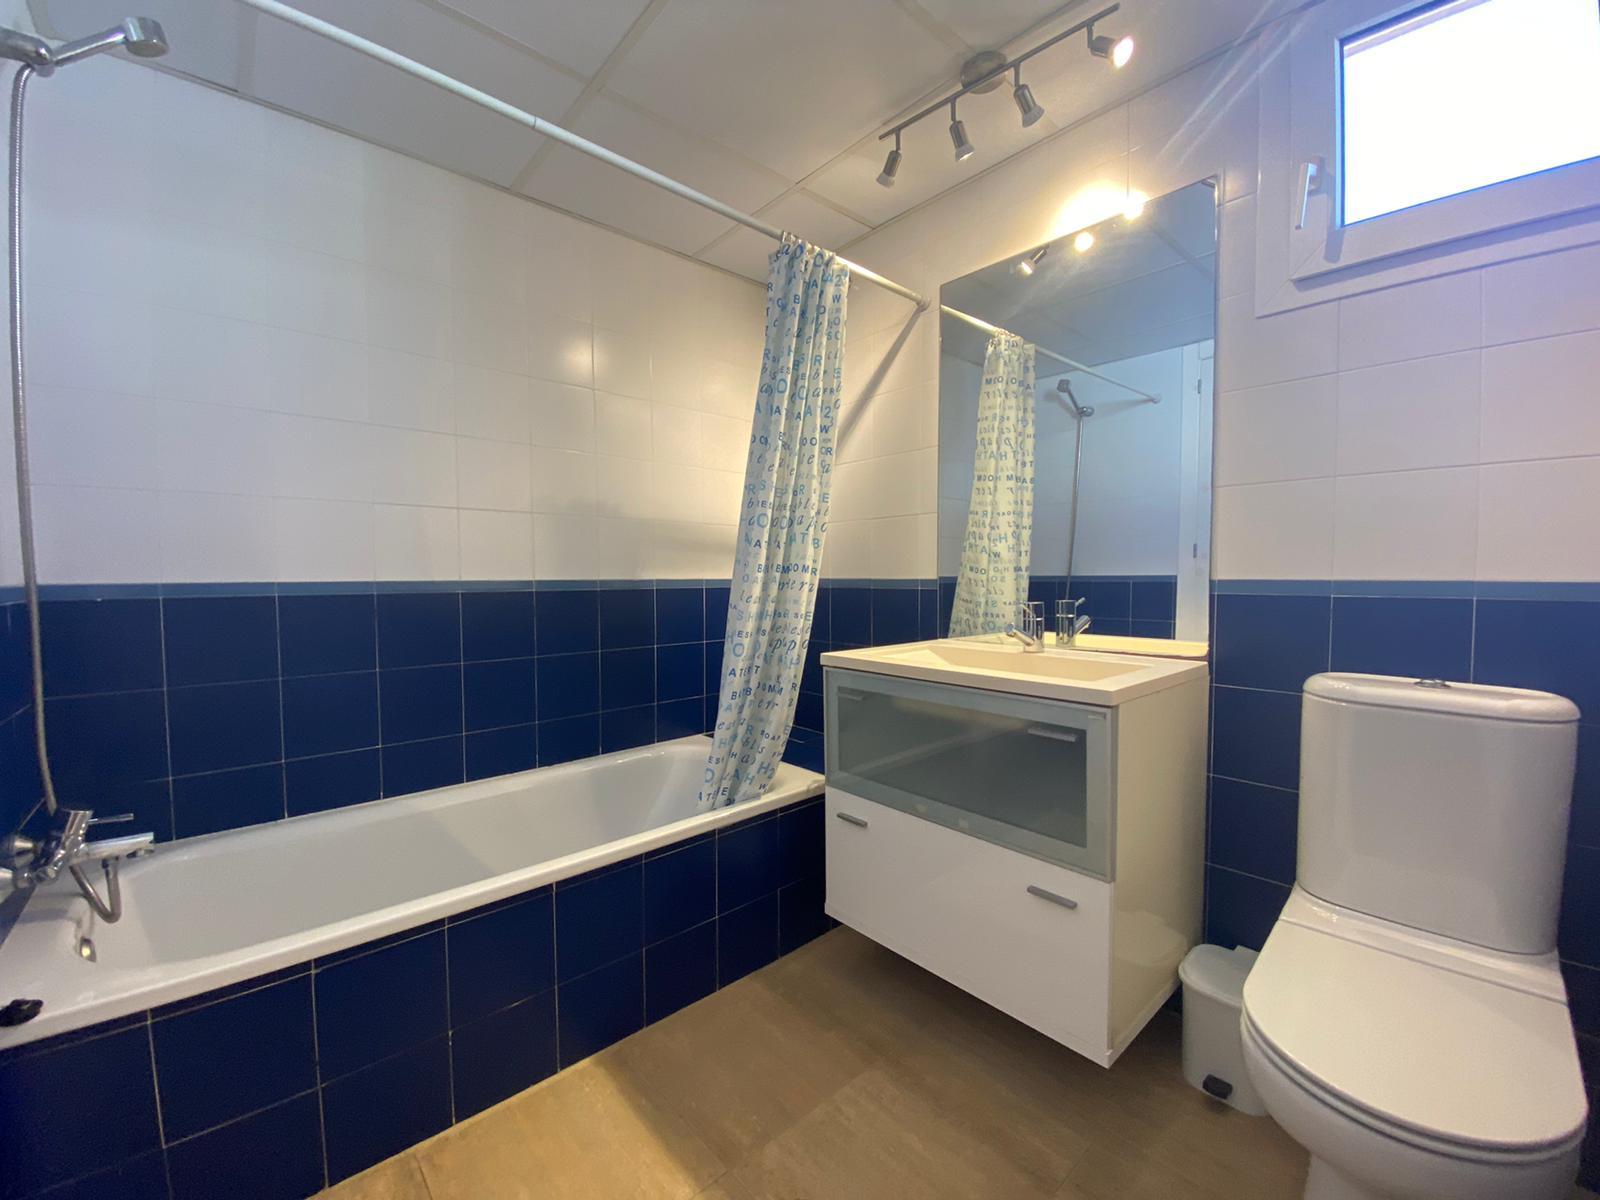 Imagen 22 del Apartamento Turístico, Ático 1 Central (3d+2b), Punta del Moral (HUELVA), Paseo de la Cruz nº22